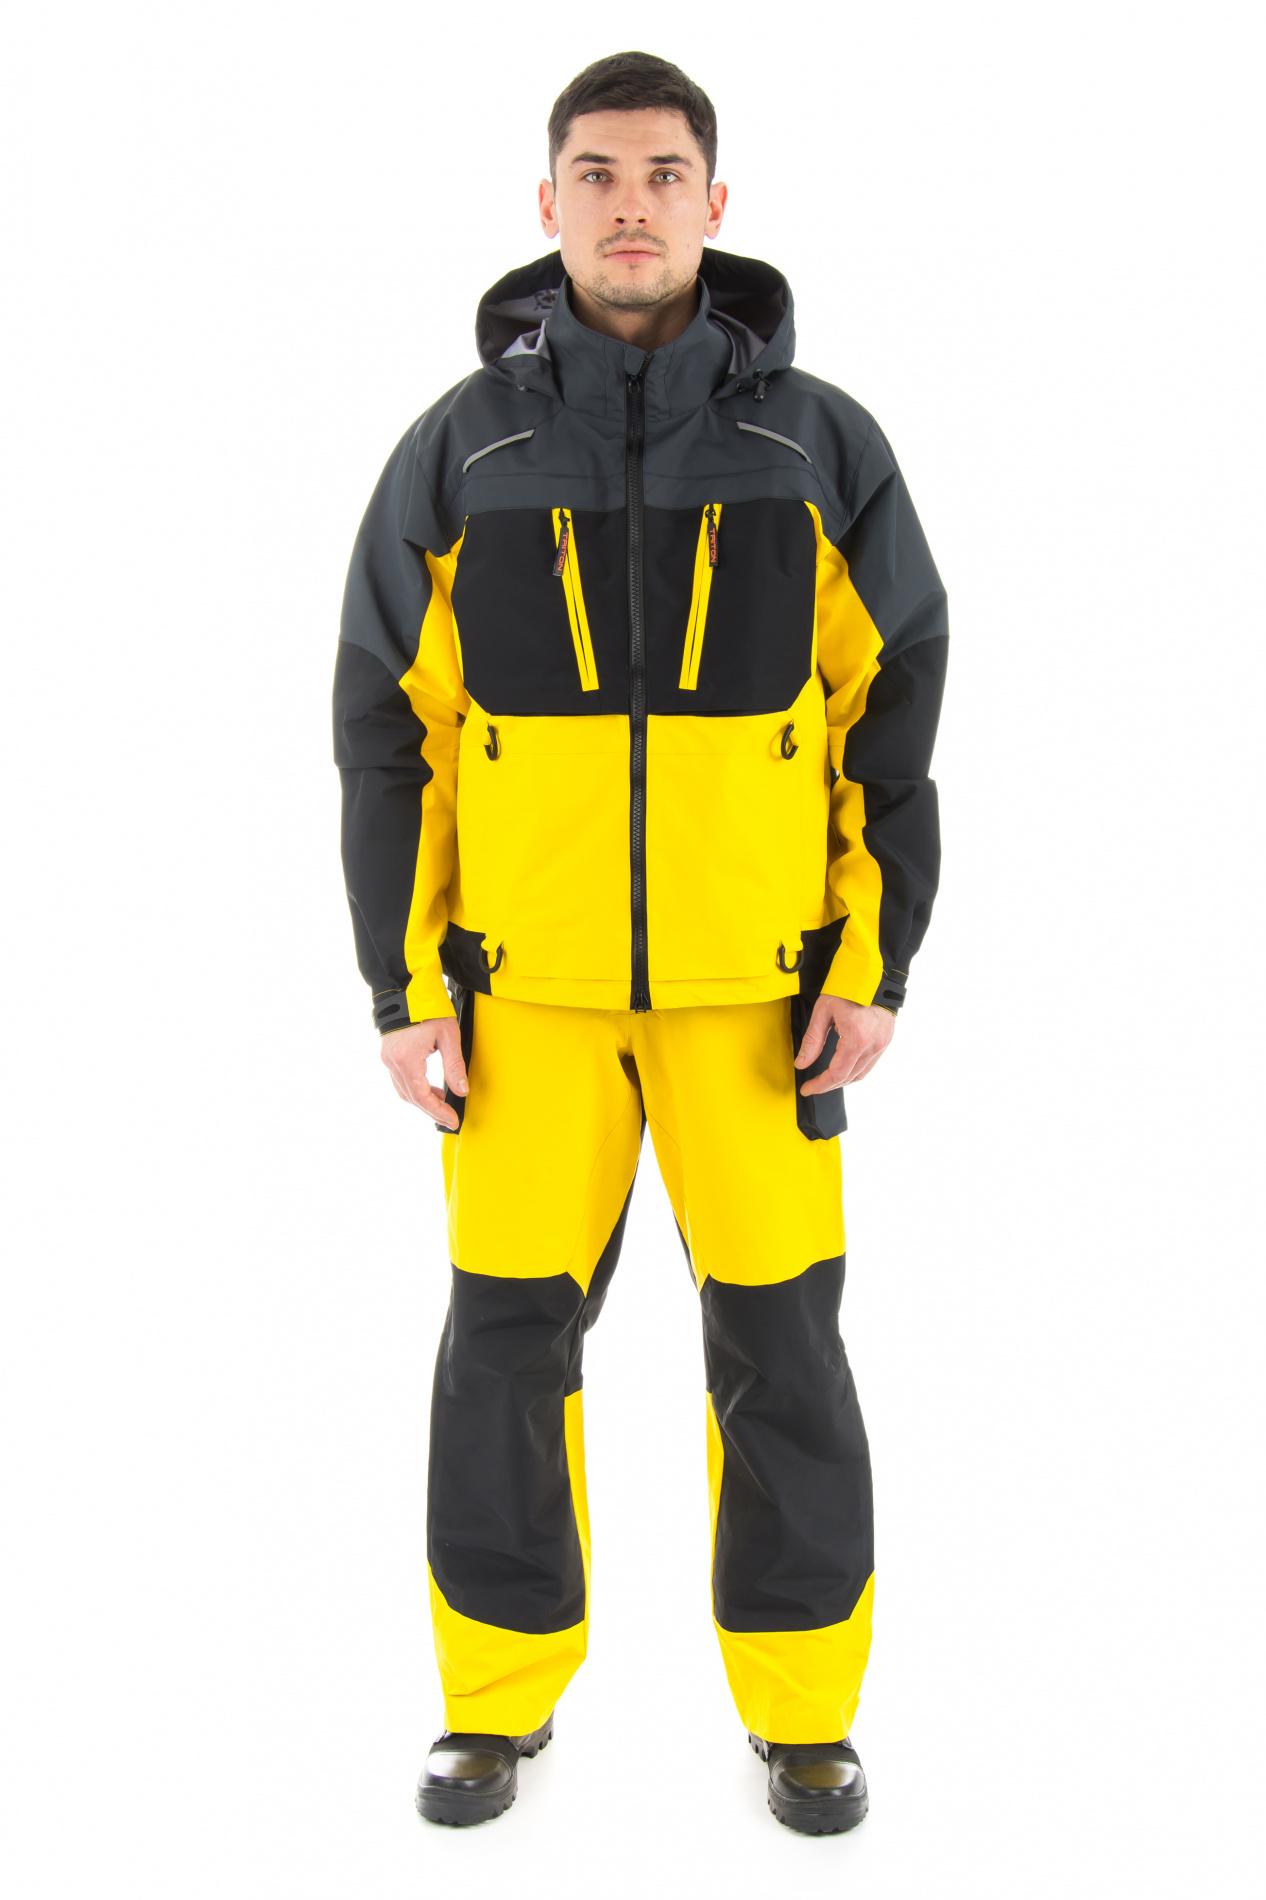 Костюм Extreme (Таслан/Желтый, серый, черный) Костюмы неутепленные<br>Костюм Extreme состоит из куртки и полукомбинезона, <br>разработан для рыбалки в летний период. <br>Удобный костюм не стесняющий движения, <br>изготовленный из качественного материала <br>с комбинированными по цветам тканями. Куртка: <br>1) Объемная укороченная куртка; 2) Анотомический <br>крой; 3) Наличие светоотражающих элементов; <br>4) 4 кармана на молнии; 5) Двойная регулировка <br>объема капюшона; 6) Имеется центральная <br>застёжкой-молния с внутренней защитной <br>планкой; 7) Проклееные швы; 8) Капюшон укладывается <br>в воротник; 9) Низ рукавов с хлястиками на <br>контактной ленте; 10) Низ куртки с эластичным <br>шнуром и фиксаторами. Полукомбинезон: 1) <br>Проклееные швы; 2) Анатомический крой; 3) <br>Наличие светоотражающих элементов; 4) 6 карманов: <br>4 кармана на молнии, 2 нижних накладных кармана <br>увеличивающиеся в объеме; 5) Низ брюк с хлястиками <br>на контактной ленте; 6) По боковому шву от <br>середины бедра молния с защитной планкой <br>до низа; 7) Полукомбинезон на эластичных <br>помочах с фастексами и пряжками. Куртка: <br>1. Центральная дух замковая молния; 2. 4 кармана <br>с тесьмой молния; 3. Капюшон регулируется <br>по объему; 4. Объем низа рукава негулируется <br>патой с контактной лентой.<br><br>Пол: мужской<br>Размер: 56-58<br>Рост: 170-176<br>Сезон: зима<br>Цвет: желтый